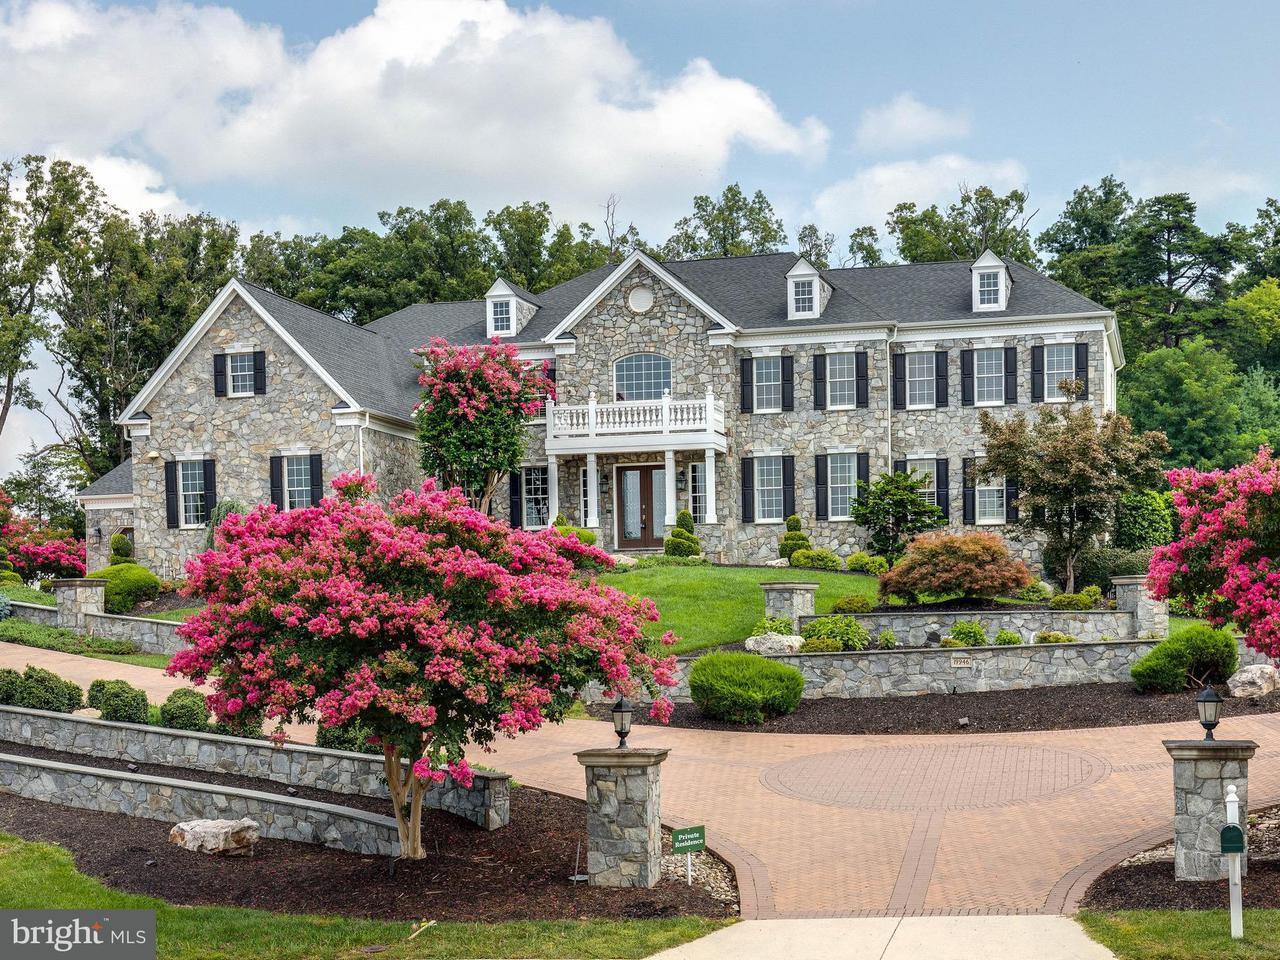 Einfamilienhaus für Verkauf beim 19946 BELMONT STATION Drive 19946 BELMONT STATION Drive Ashburn, Virginia 20147 Vereinigte Staaten